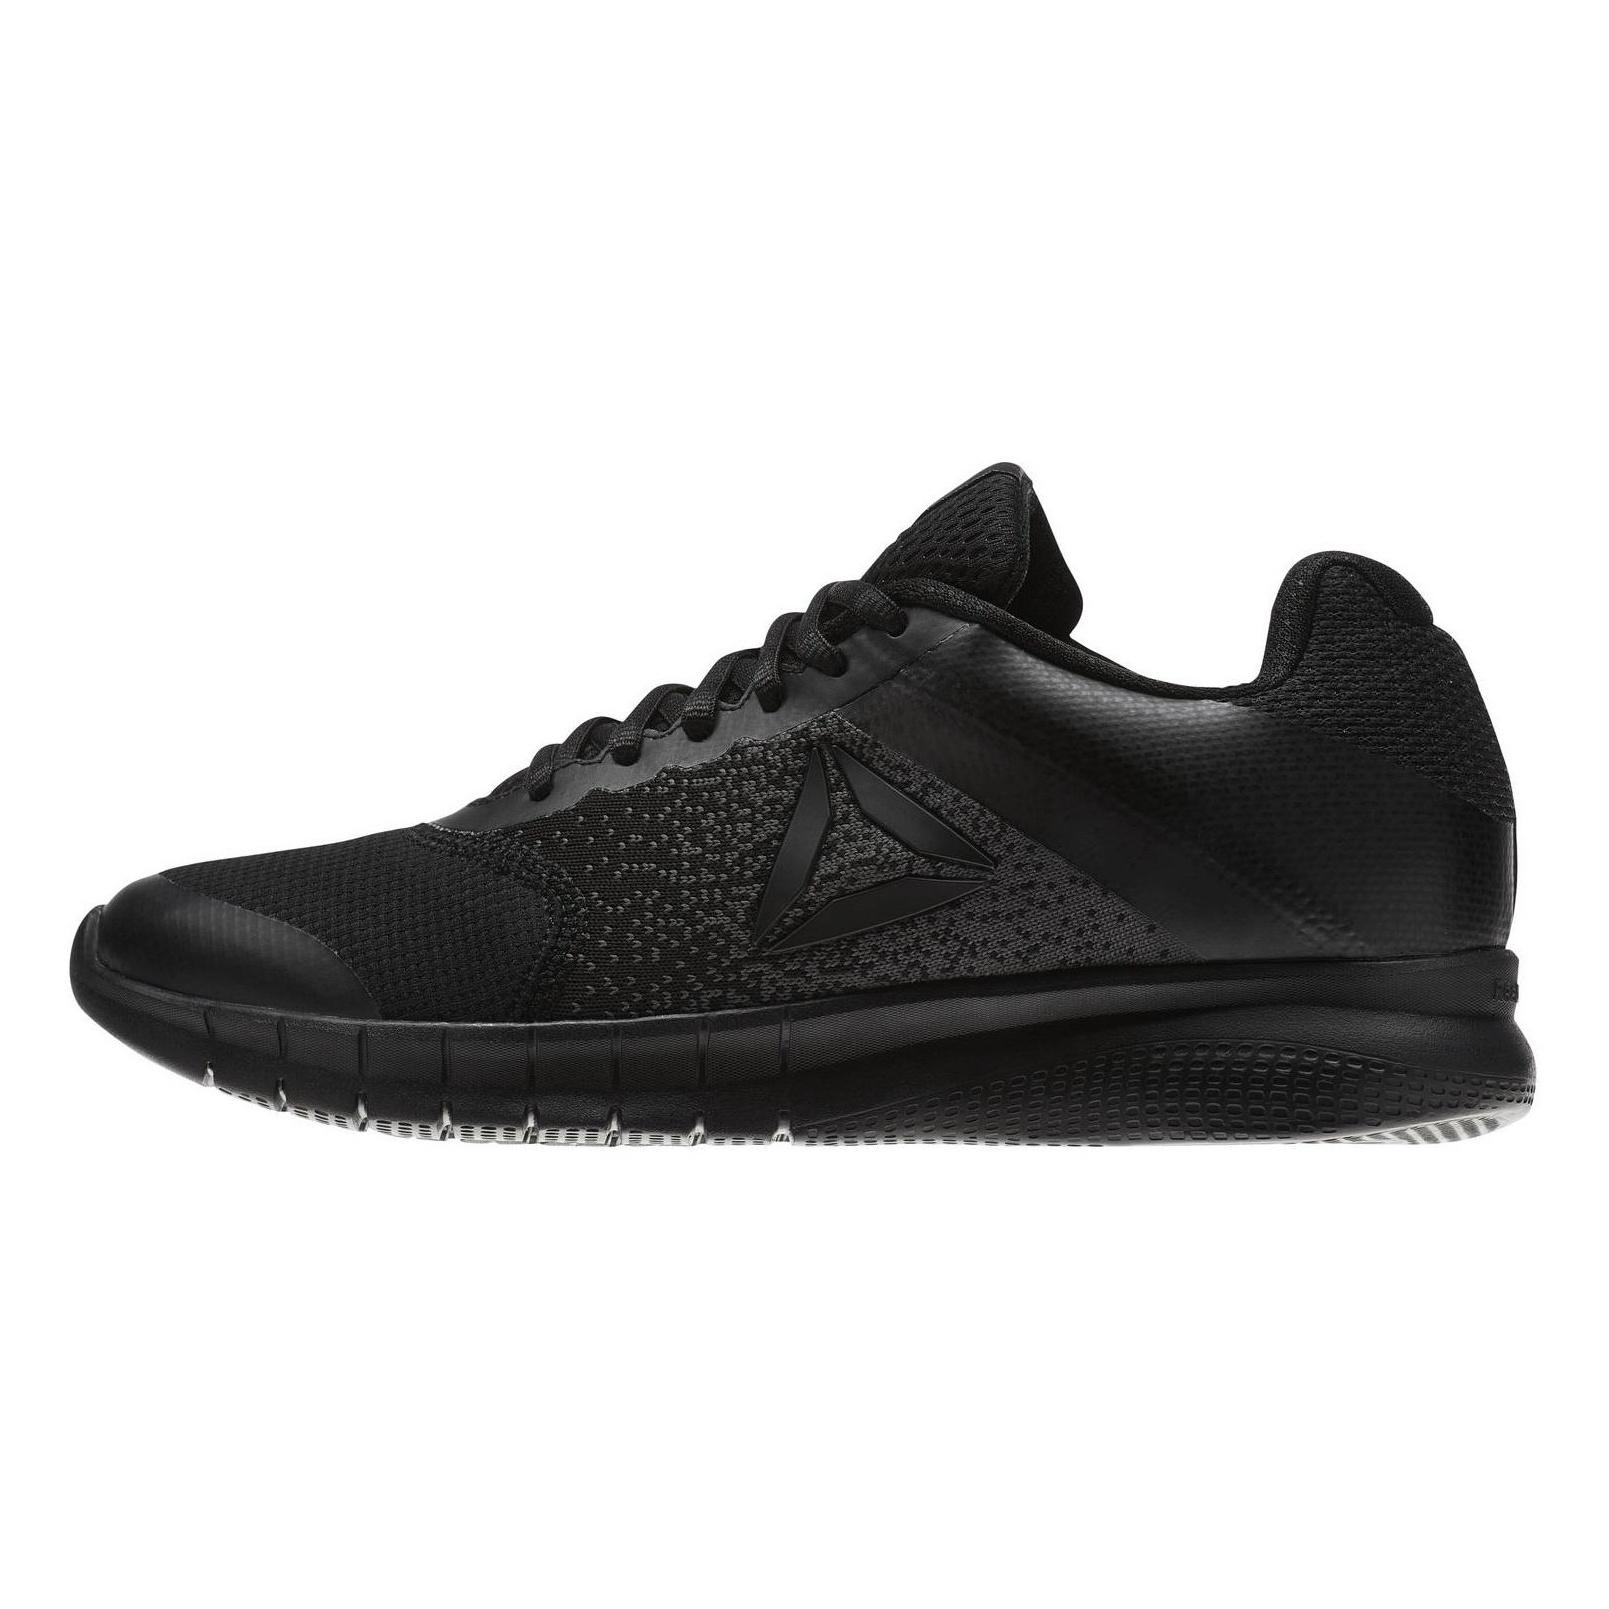 کفش مخصوص دویدن مردانه ریباک مدل instalite run کد cn0842